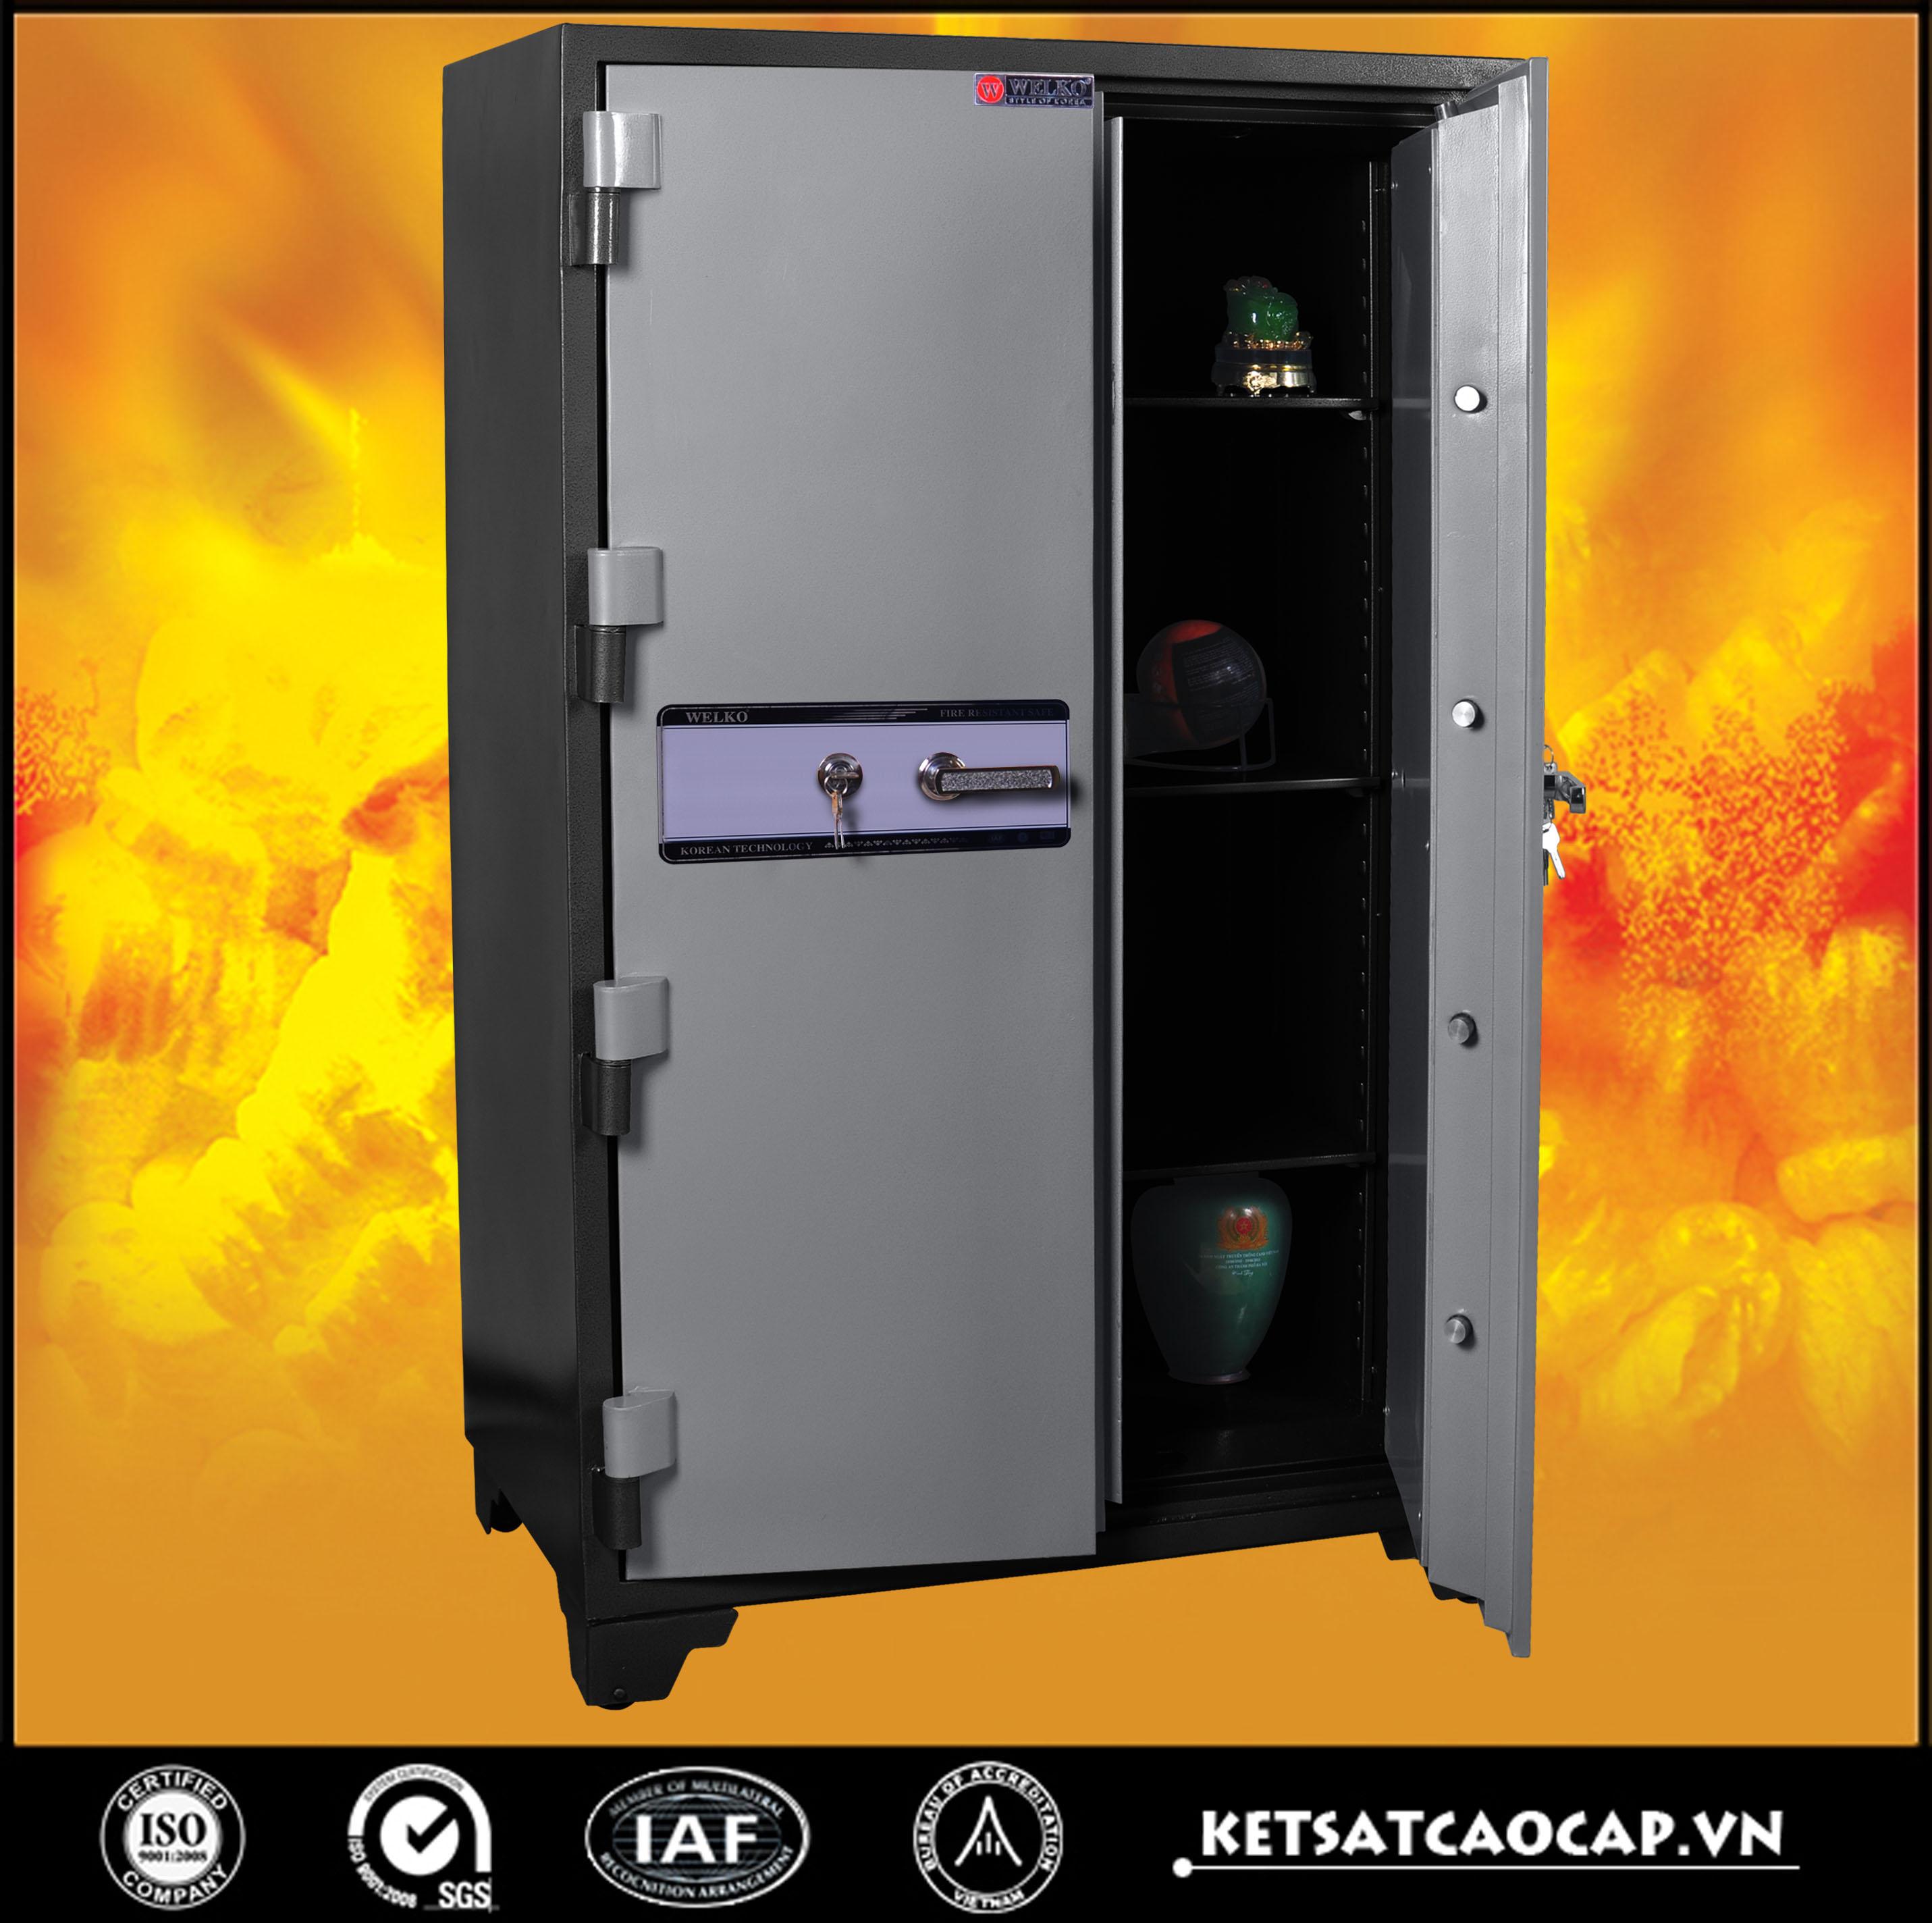 hình ảnh sản phẩm Két Bạc chống cháy BM1650 điện tử